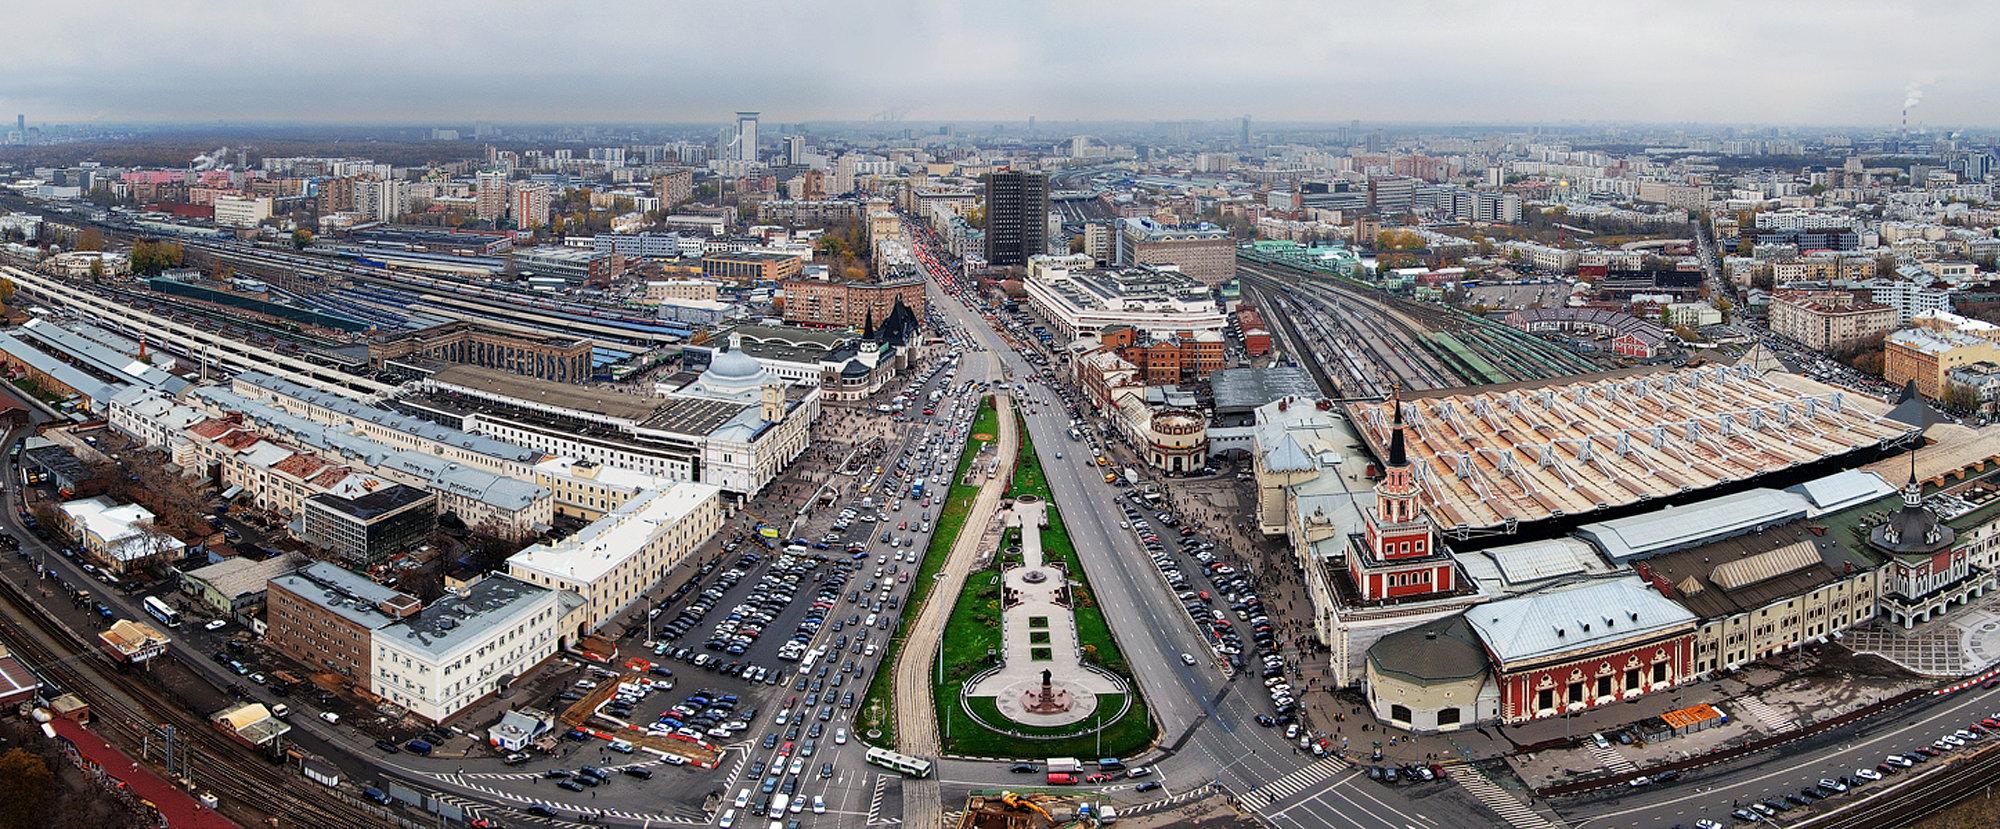 Фото панорамы ленингадского вокзала москвы 2